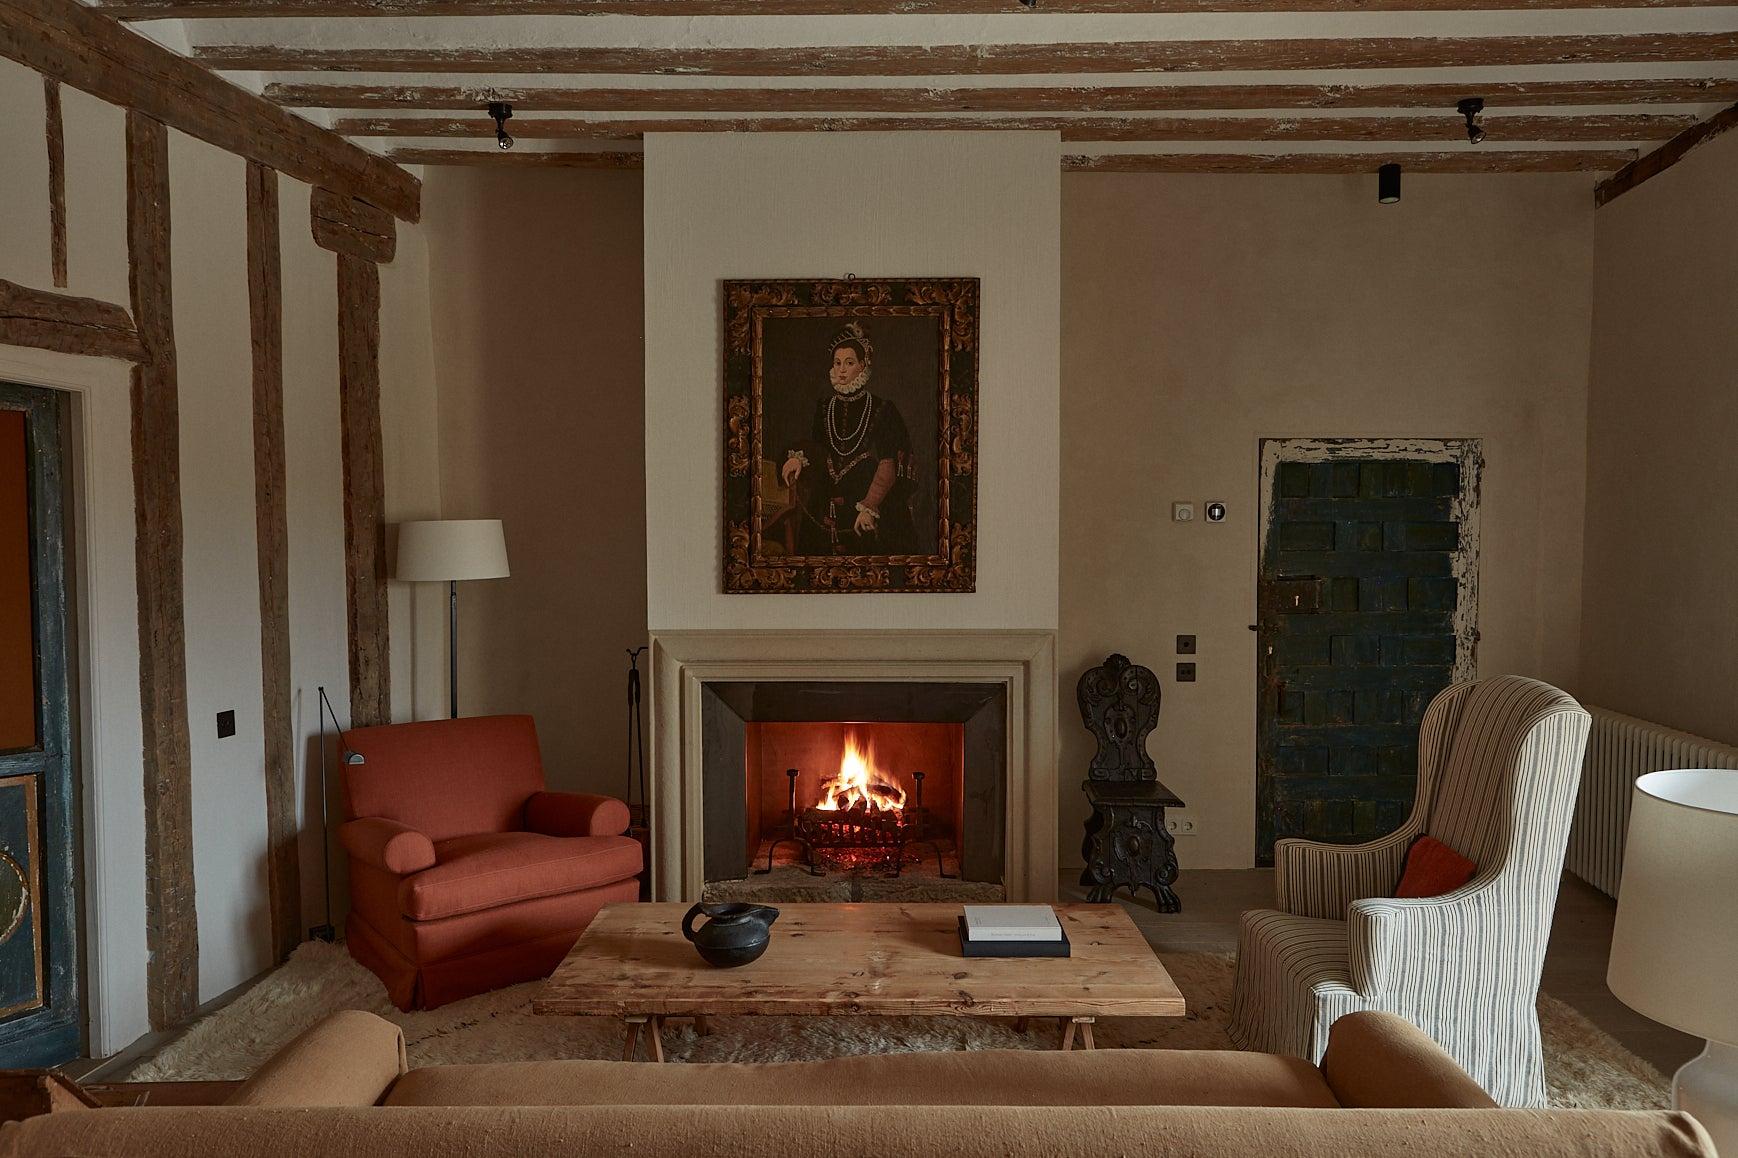 Casa Muñoz: Un estudio de interiores lujuoso desde Madrid casa muñoz Casa Muñoz: Un estudio de interiores lujuoso desde Madrid GM CASATABERNA 06021